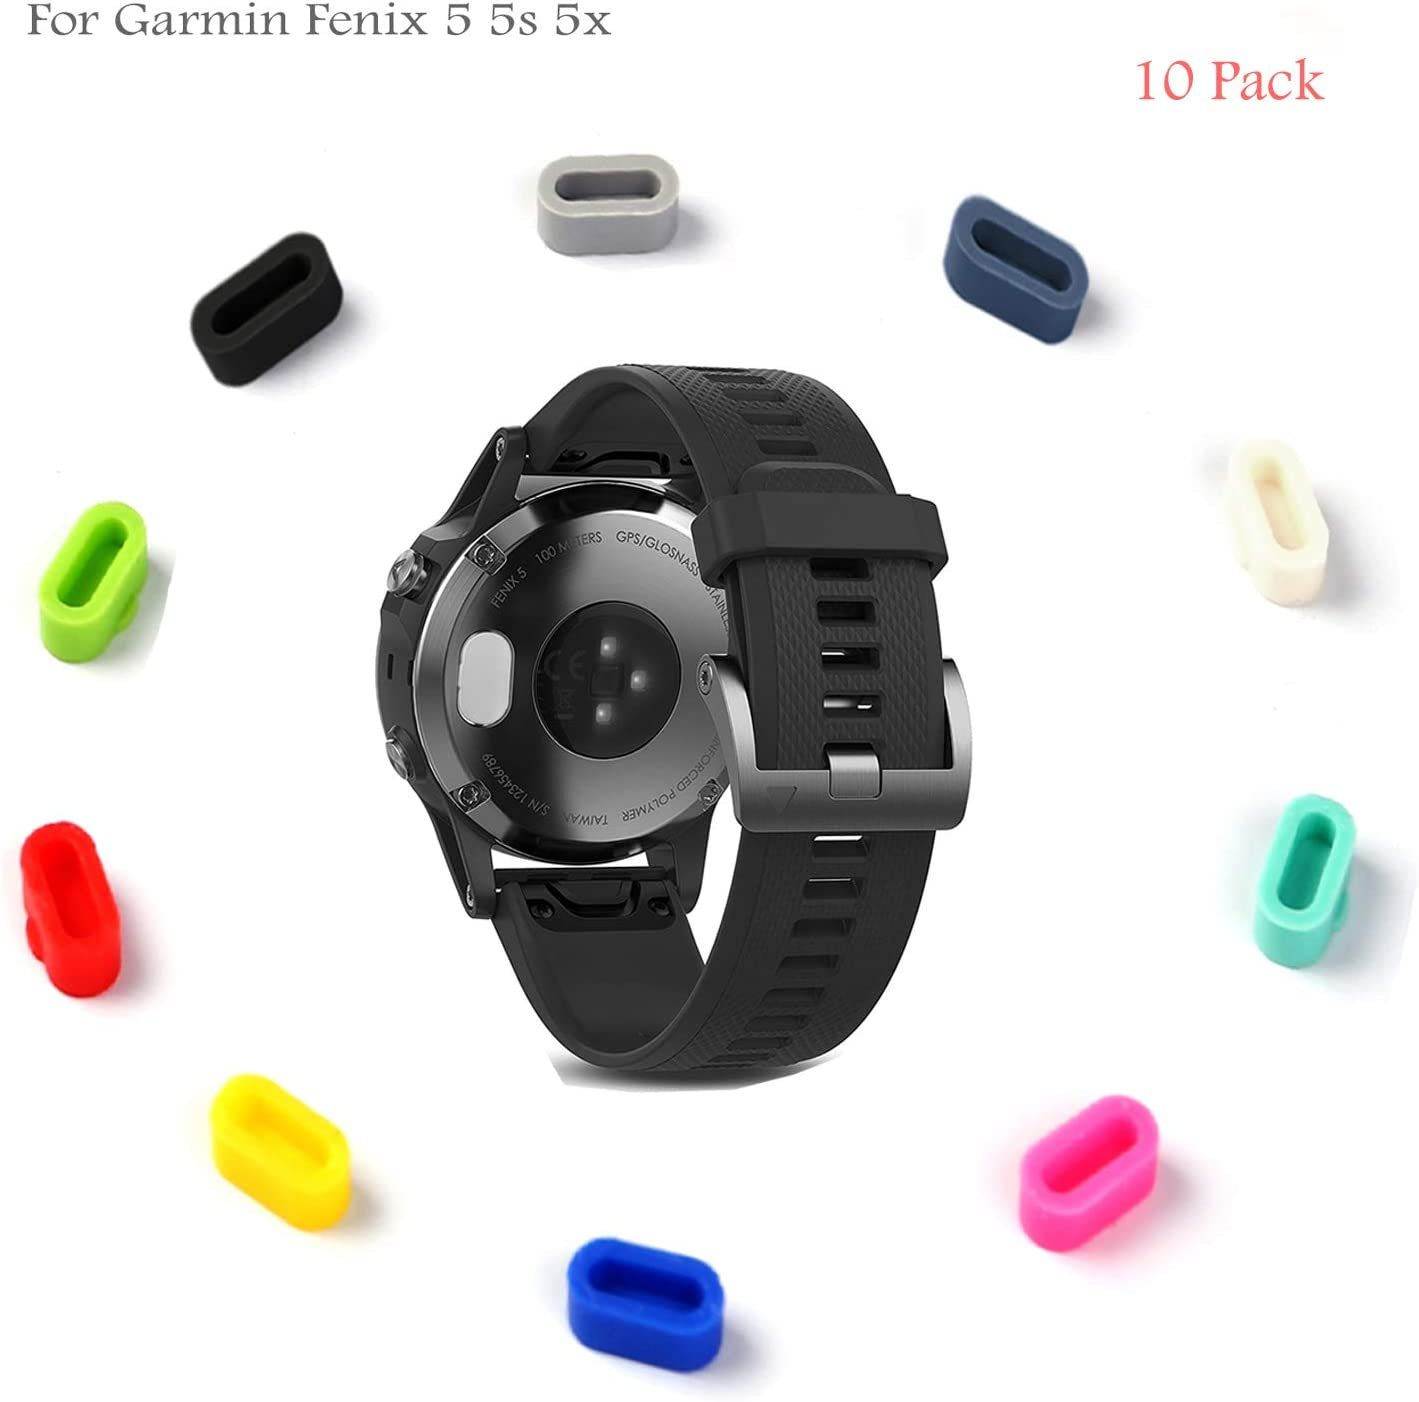 10-Pack) Tapones de polvo para Garmin Fenix 5 5X 5S, Rukoy puerto ...